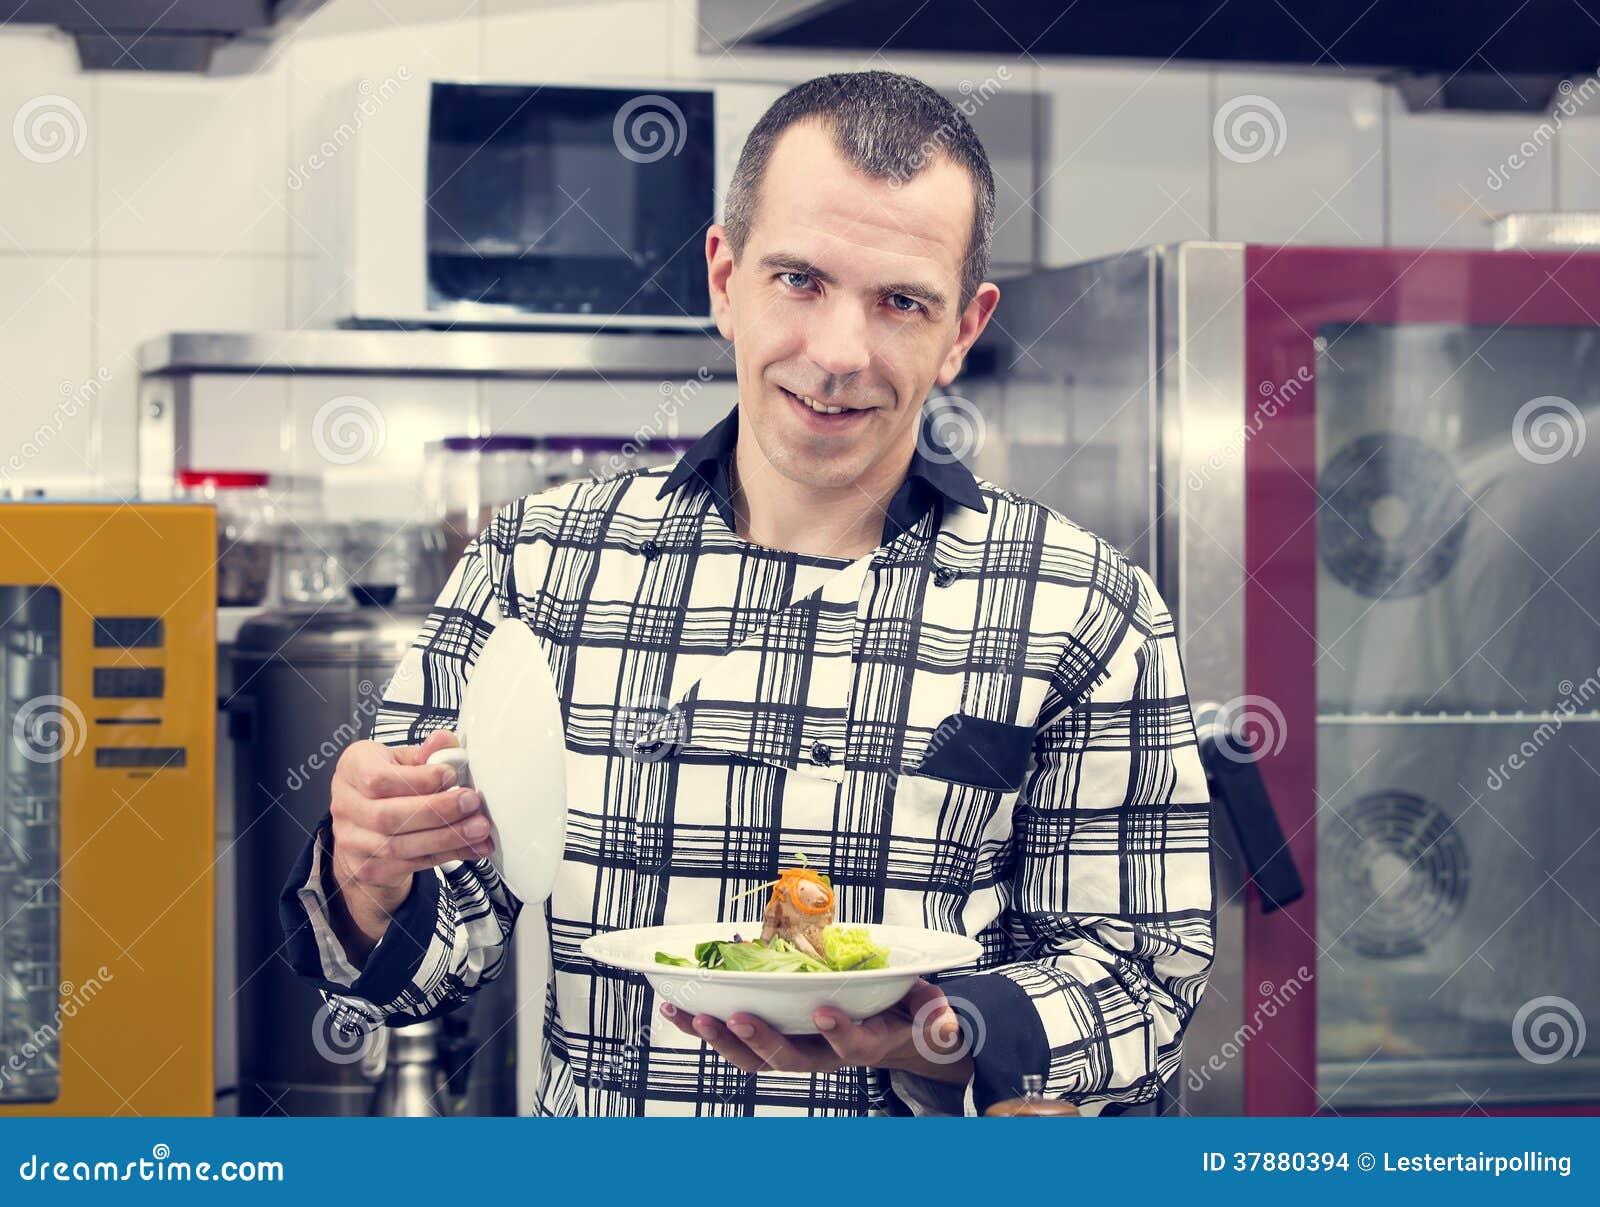 Chef bereitet eine Mahlzeit vor